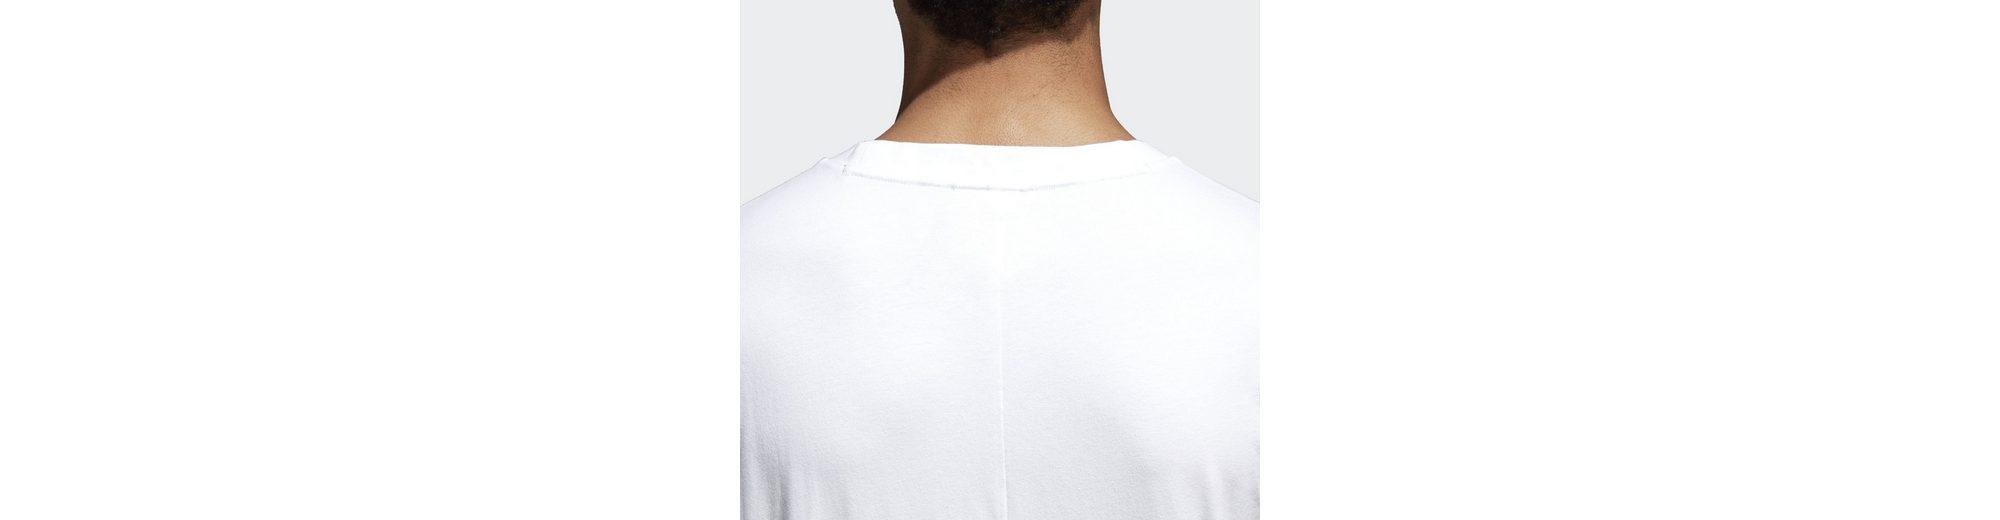 adidas Originals T-Shirt NMD T-Shirt Spielraum Angebote Professionel Zahlung Mit Visa Spielraum Top-Qualität weQmdHUSR